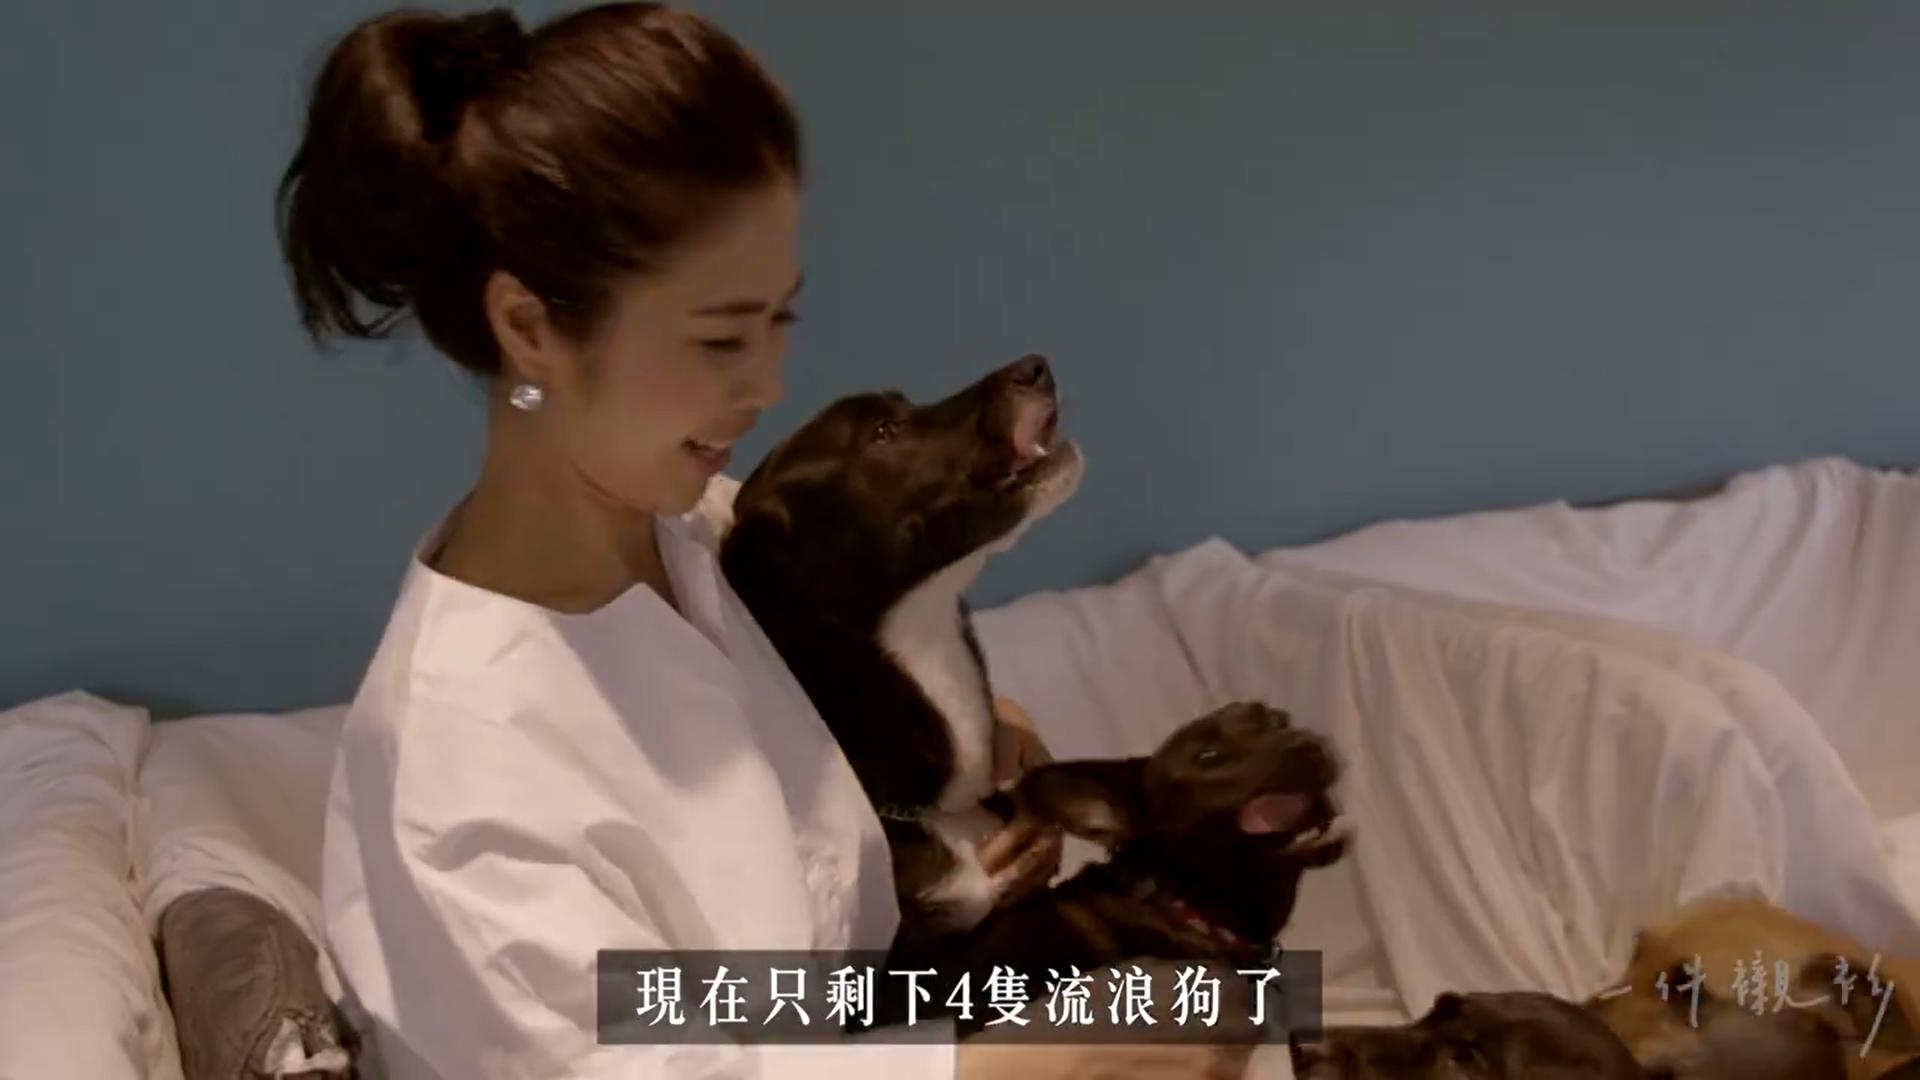 10年救千隻流浪狗,每年醫療費燒200萬...她說:看見你們撲向我,就是最幸福的事